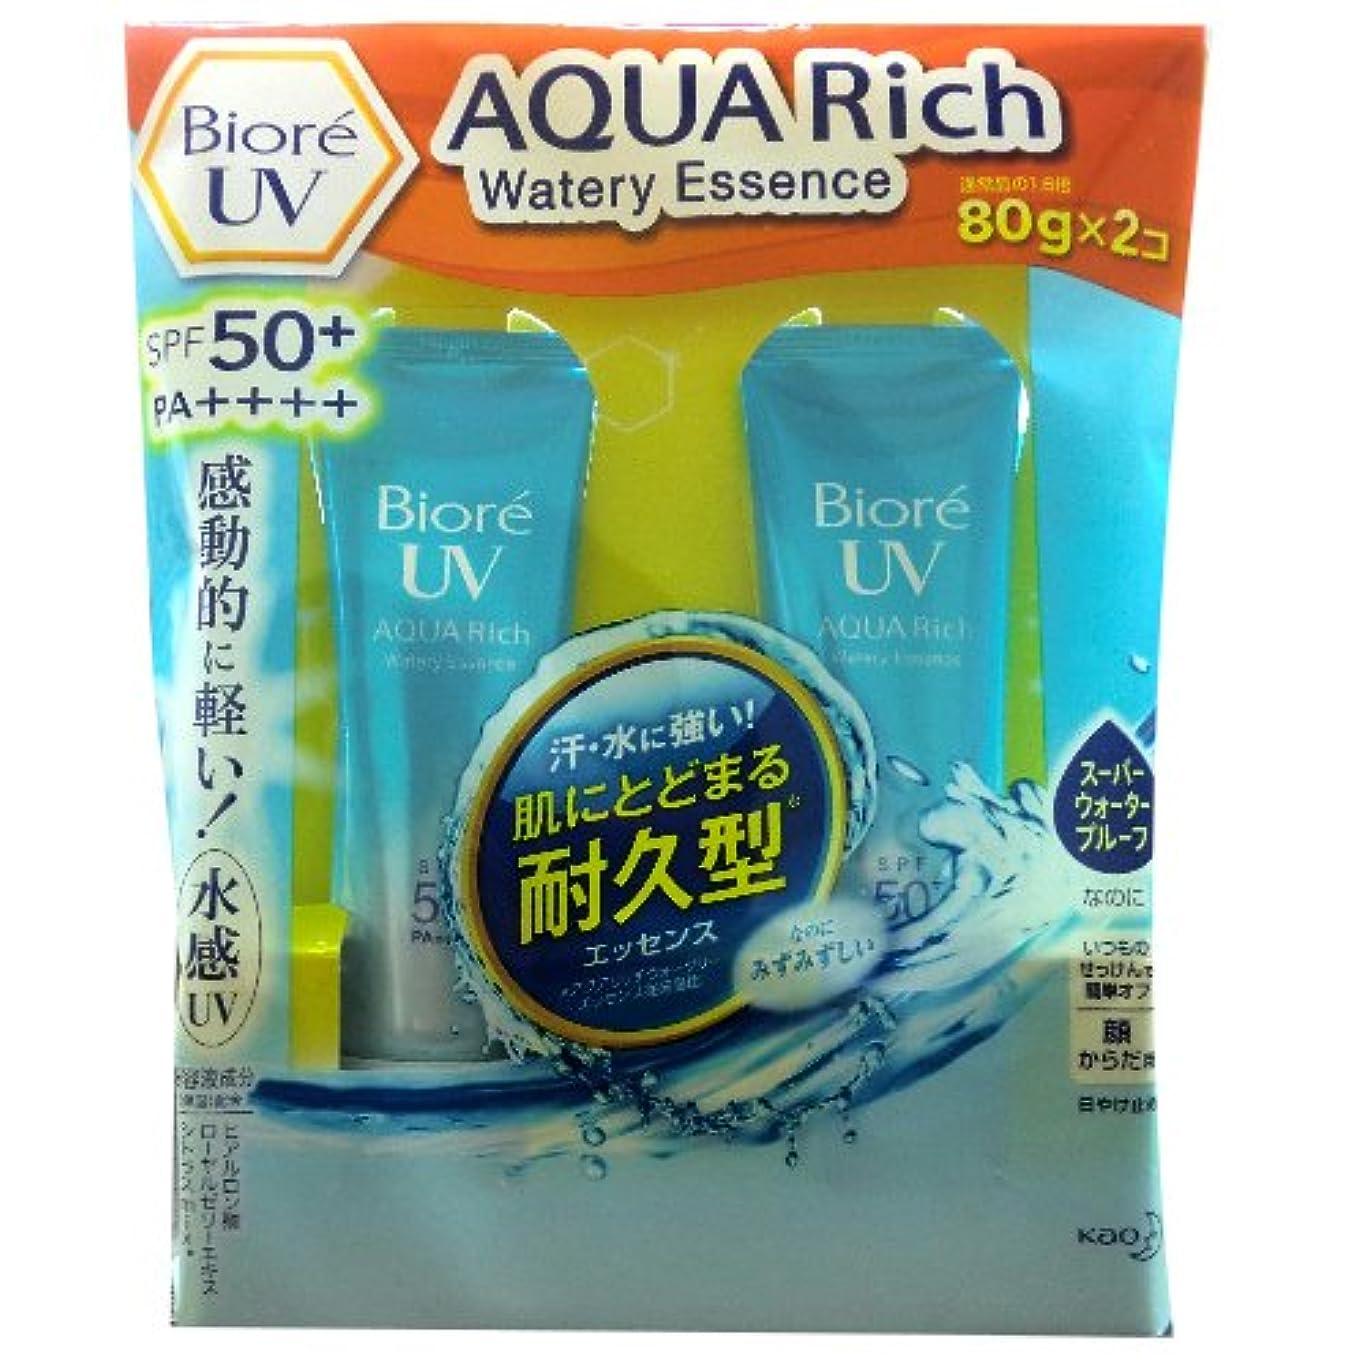 真鍮くつろぎ信頼Biore UV AQUA Rich Watery Essence 80g×2コ